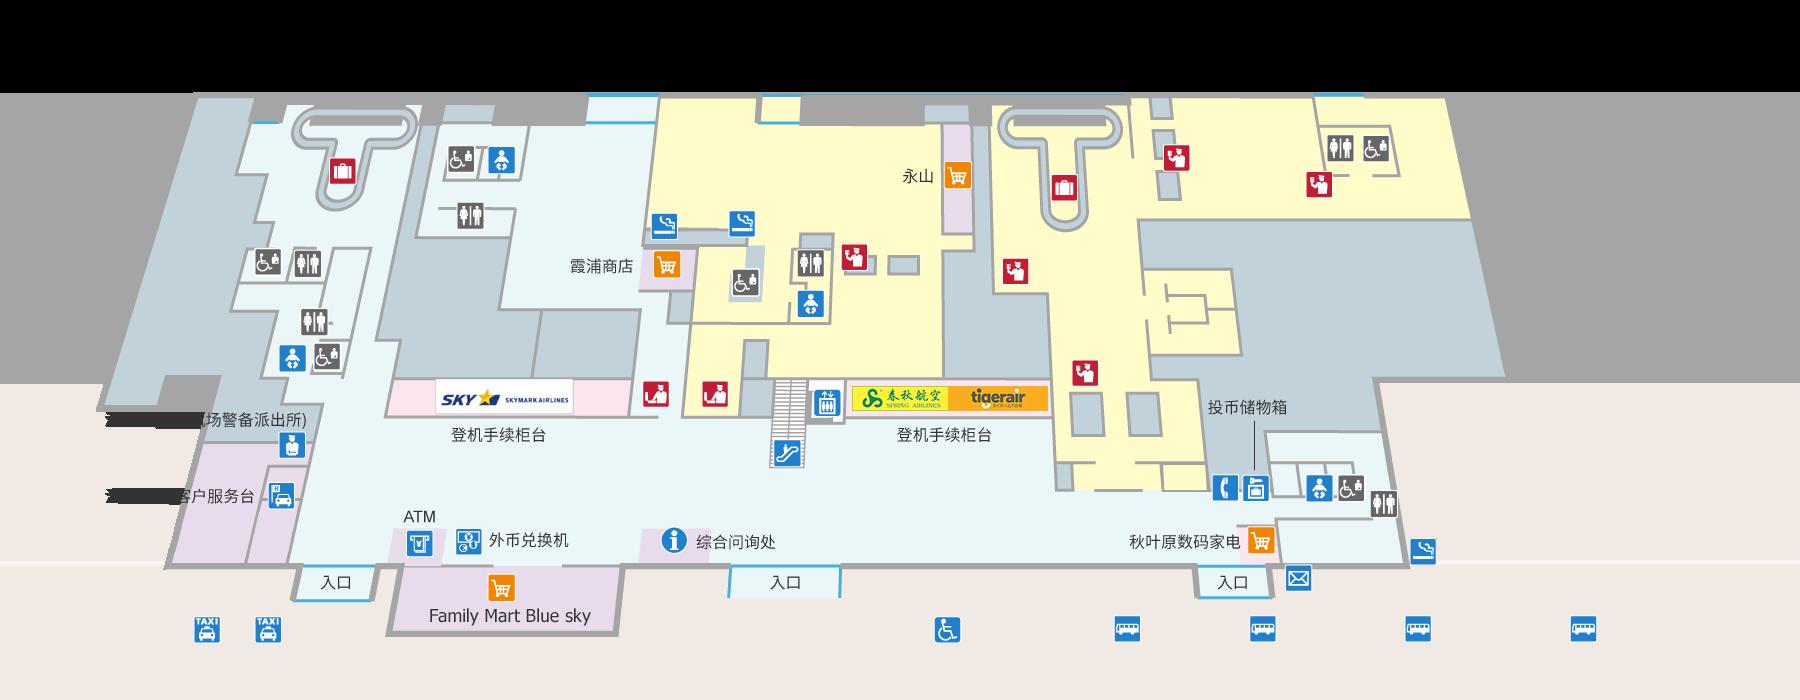 ターミナルビル1F(簡体字)